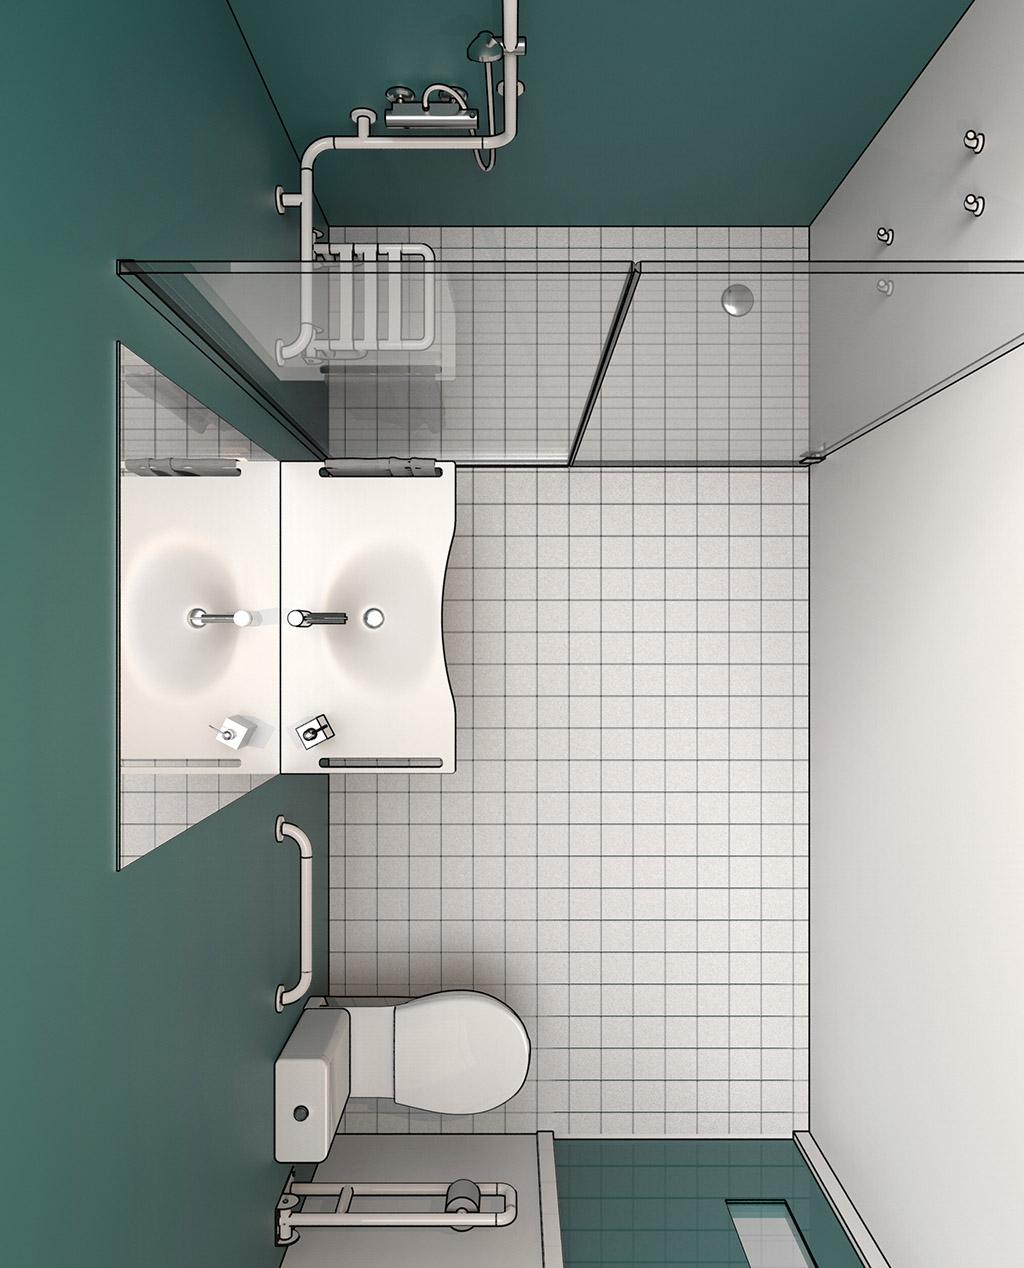 Normativa bagni disabili - Arredo bagno per disabili ...